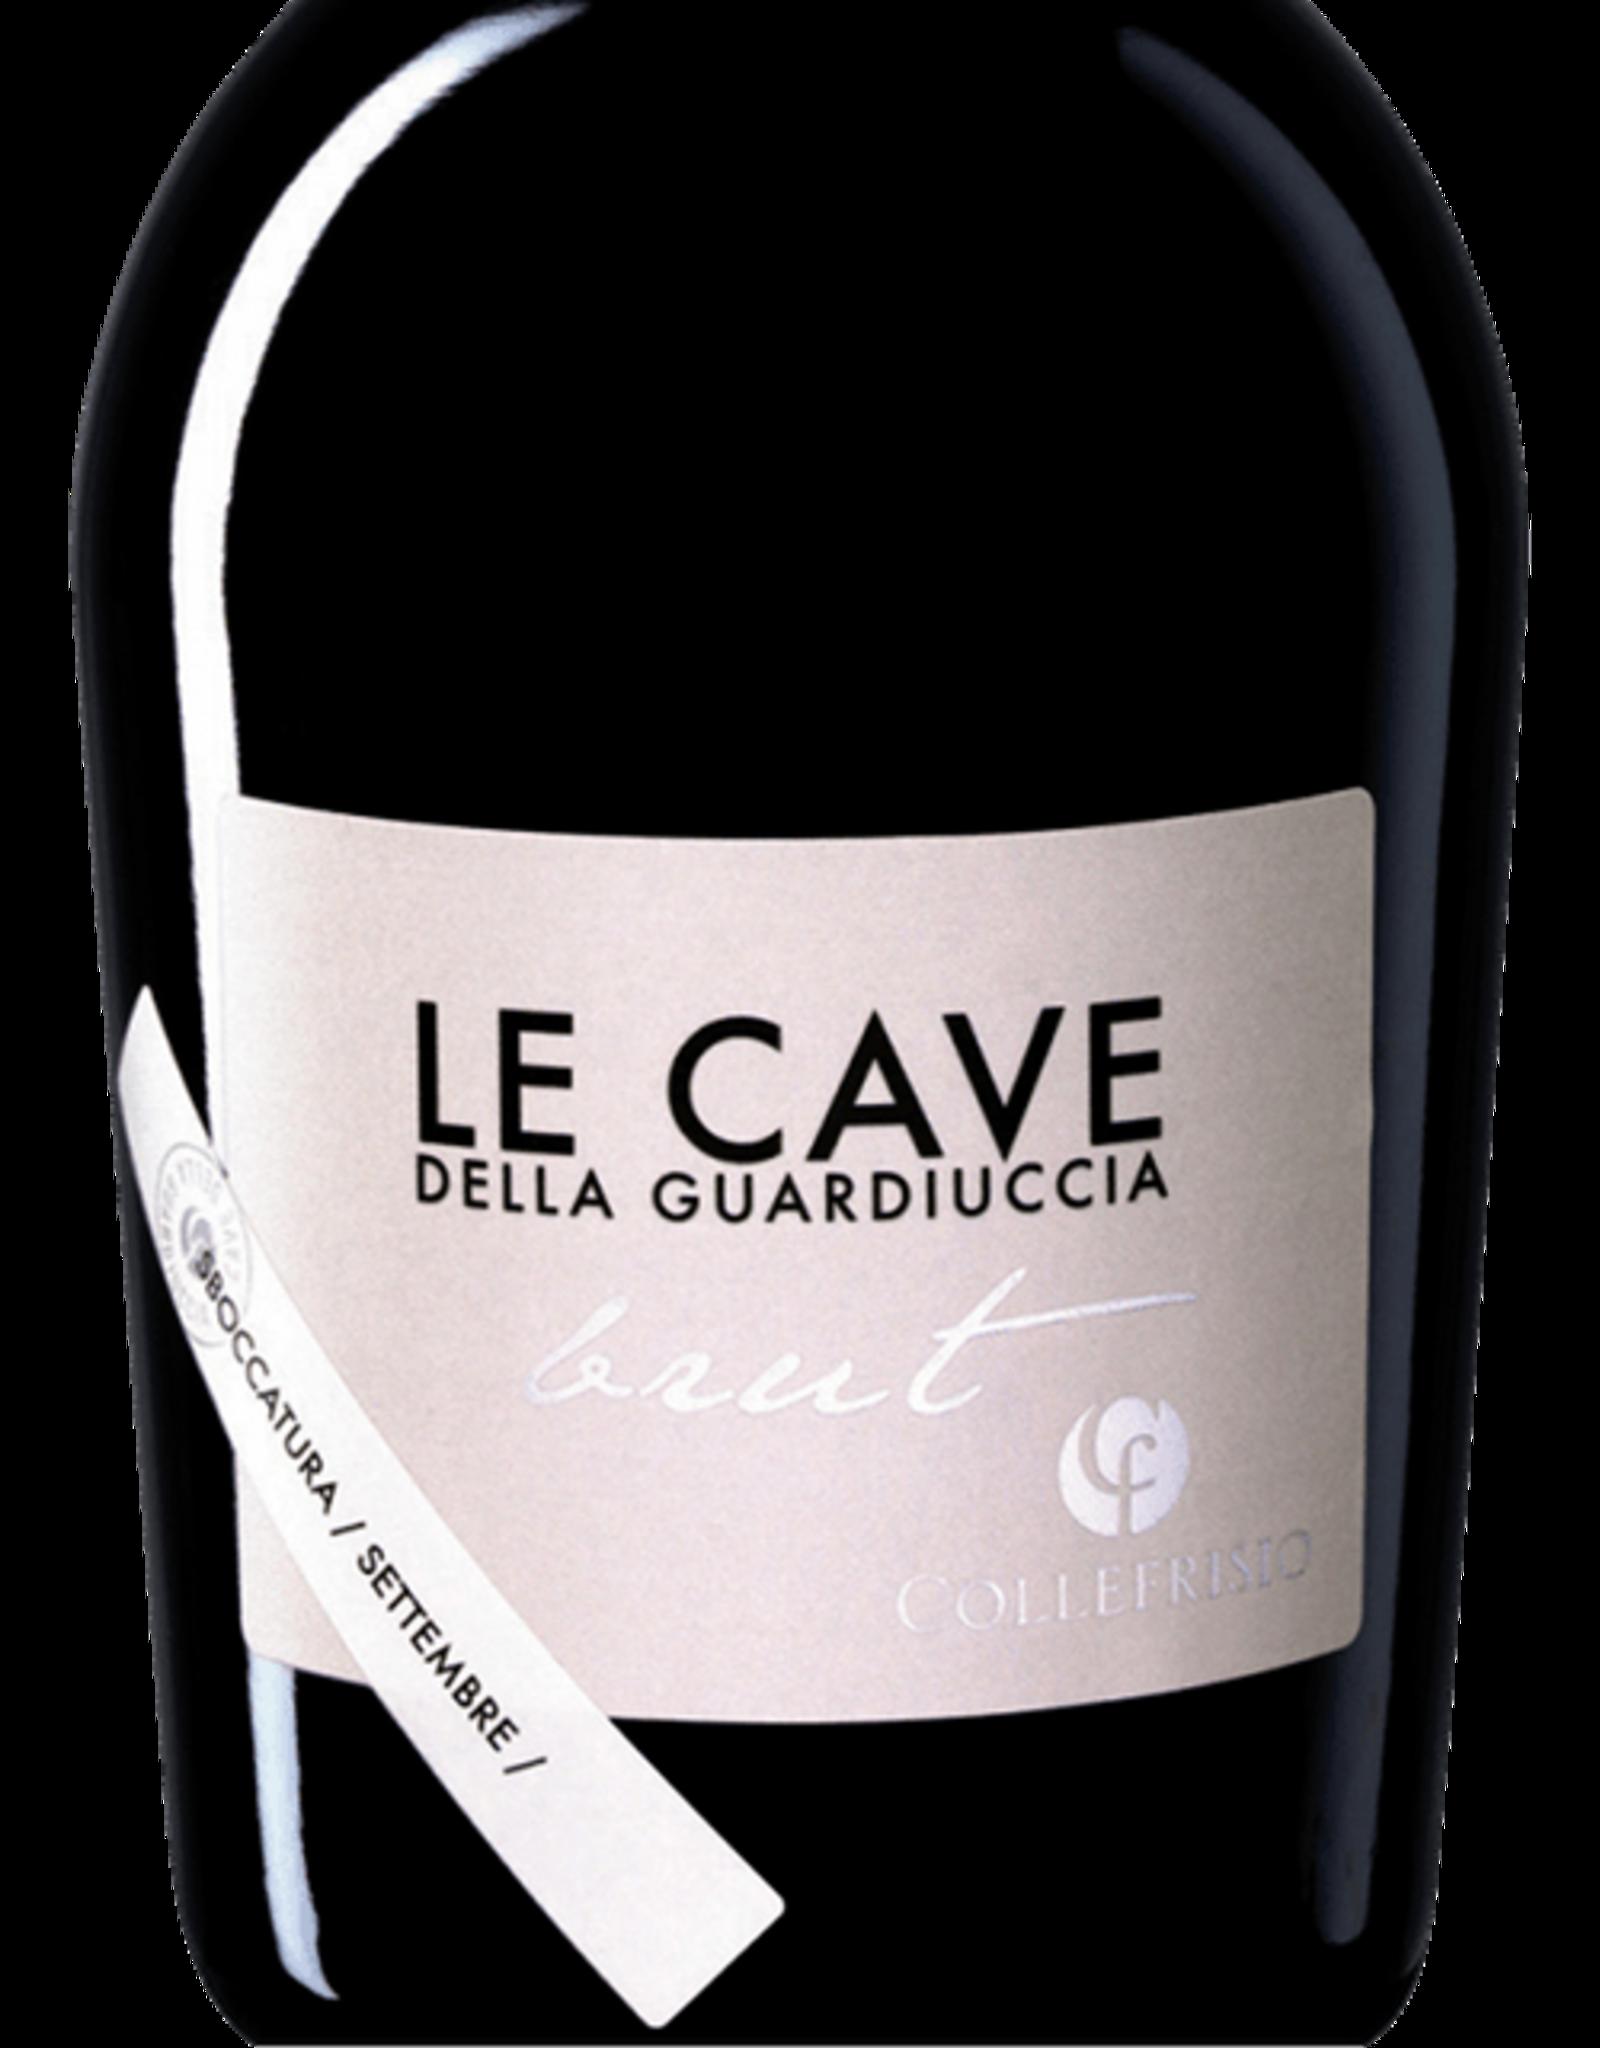 Collefrisio Le Cave Della Guardiuccia Brut 2012